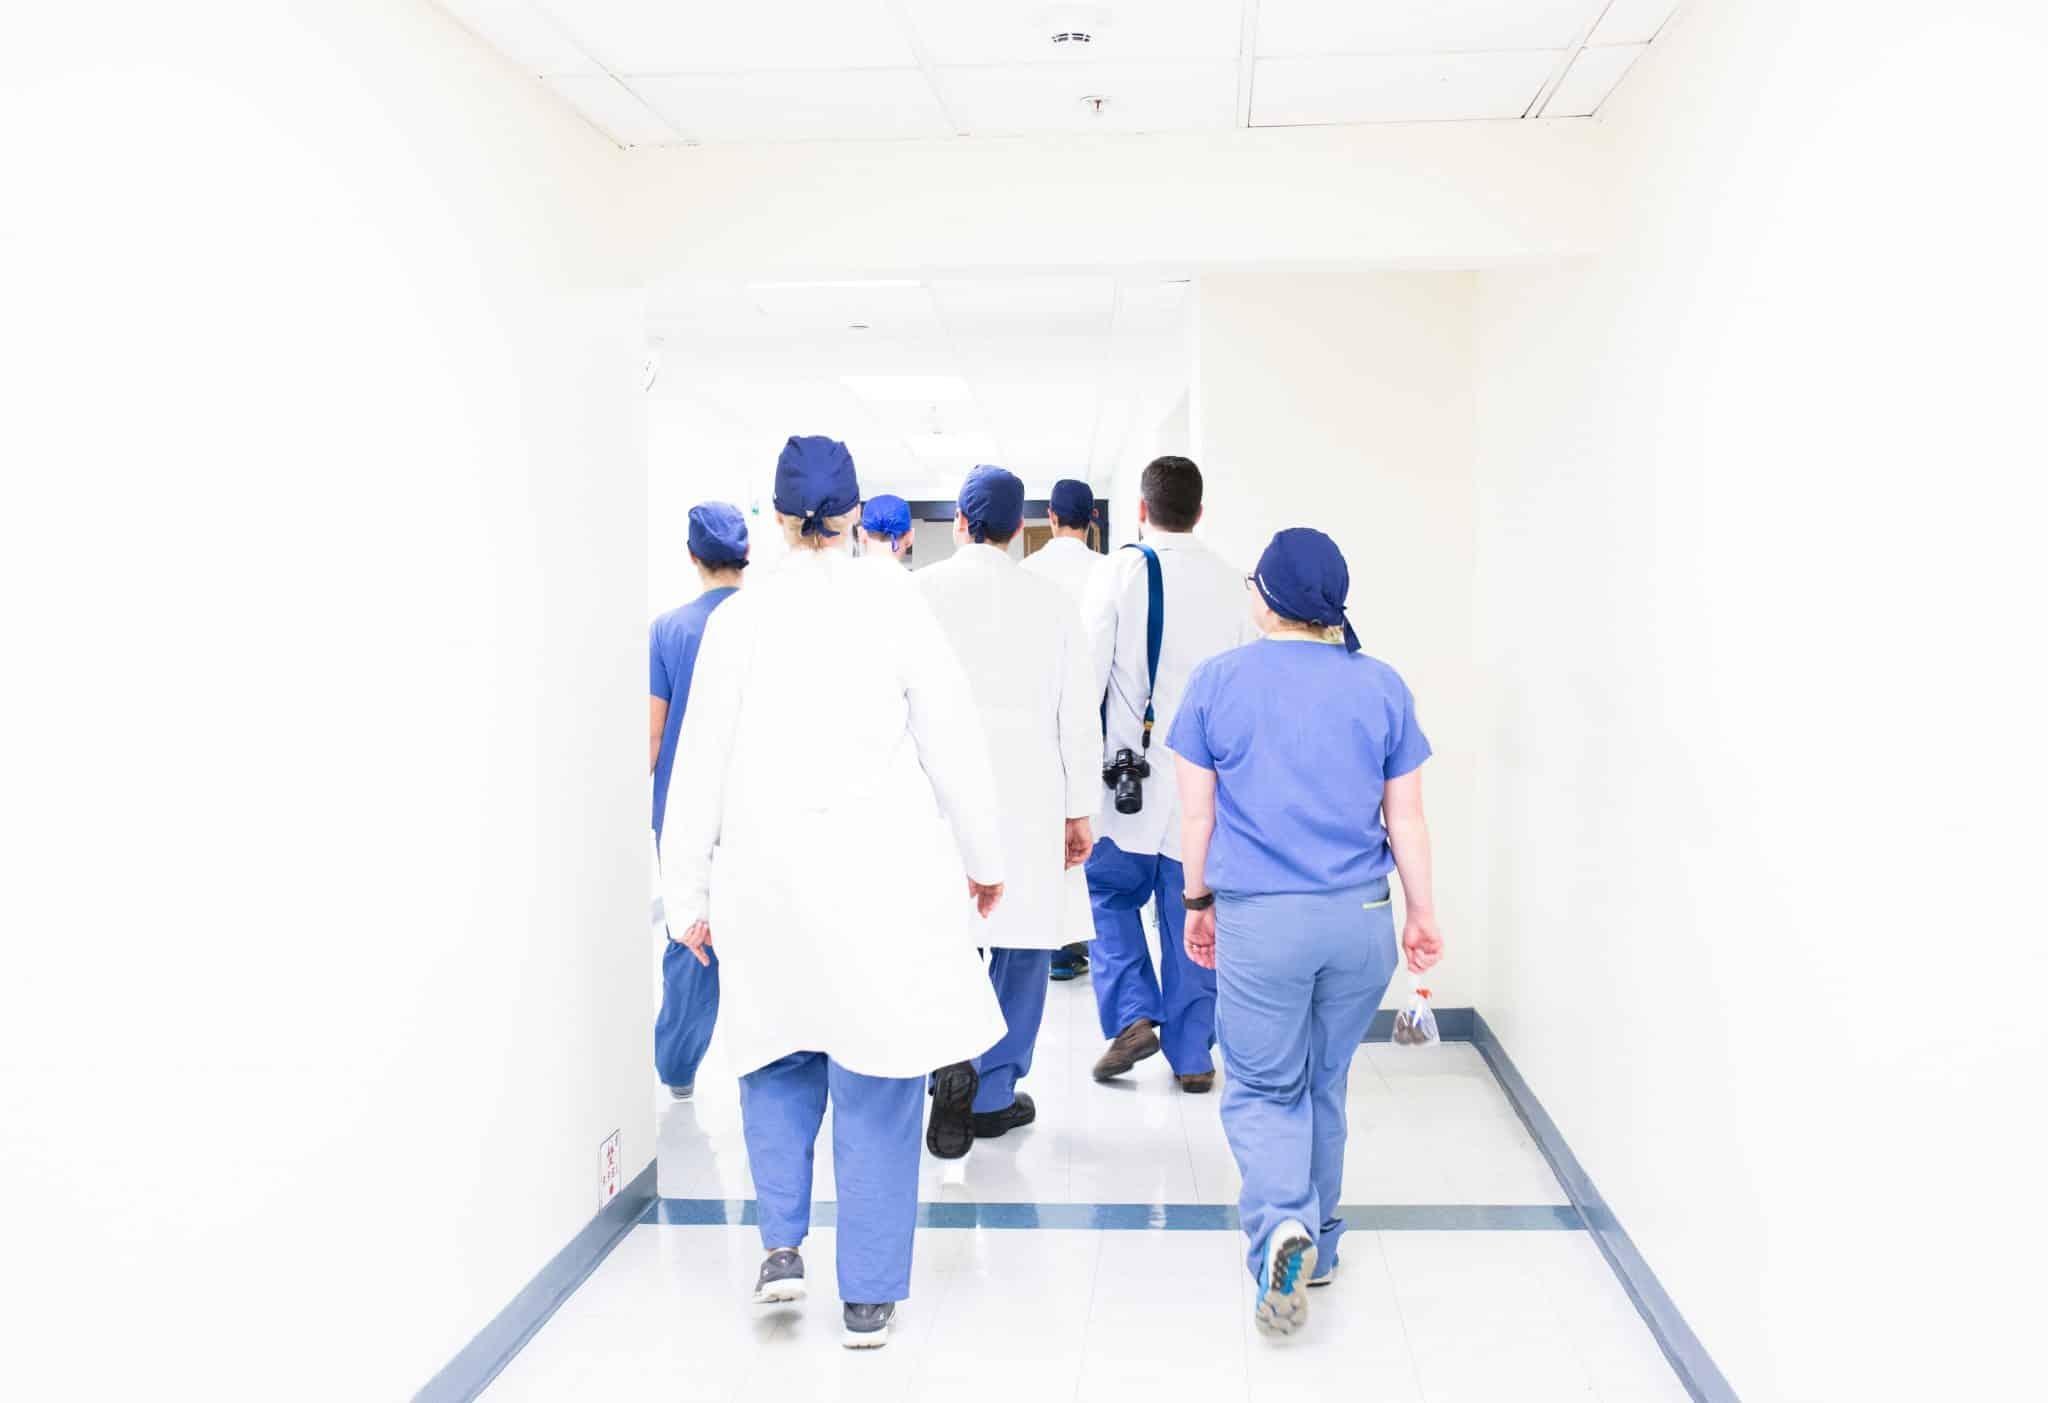 Sistema sanitario nazionale inglese crisi occupazionale post-brexit